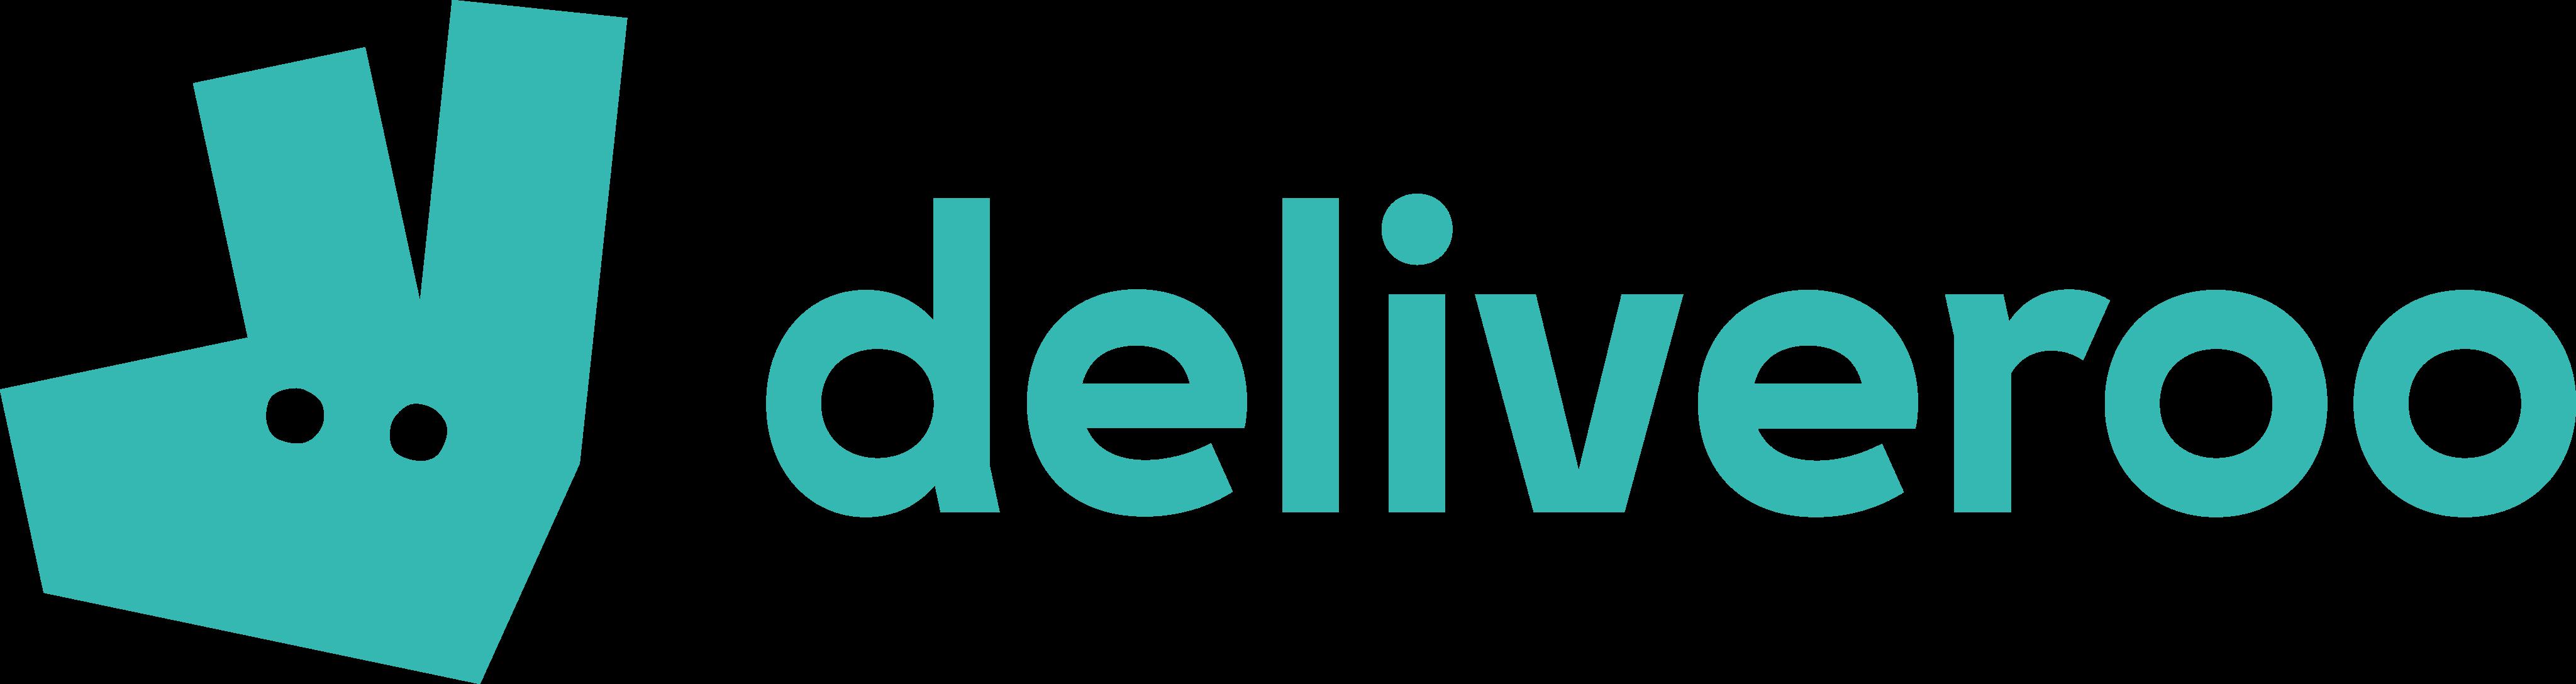 deliveroo logo - Deliveroo Logo